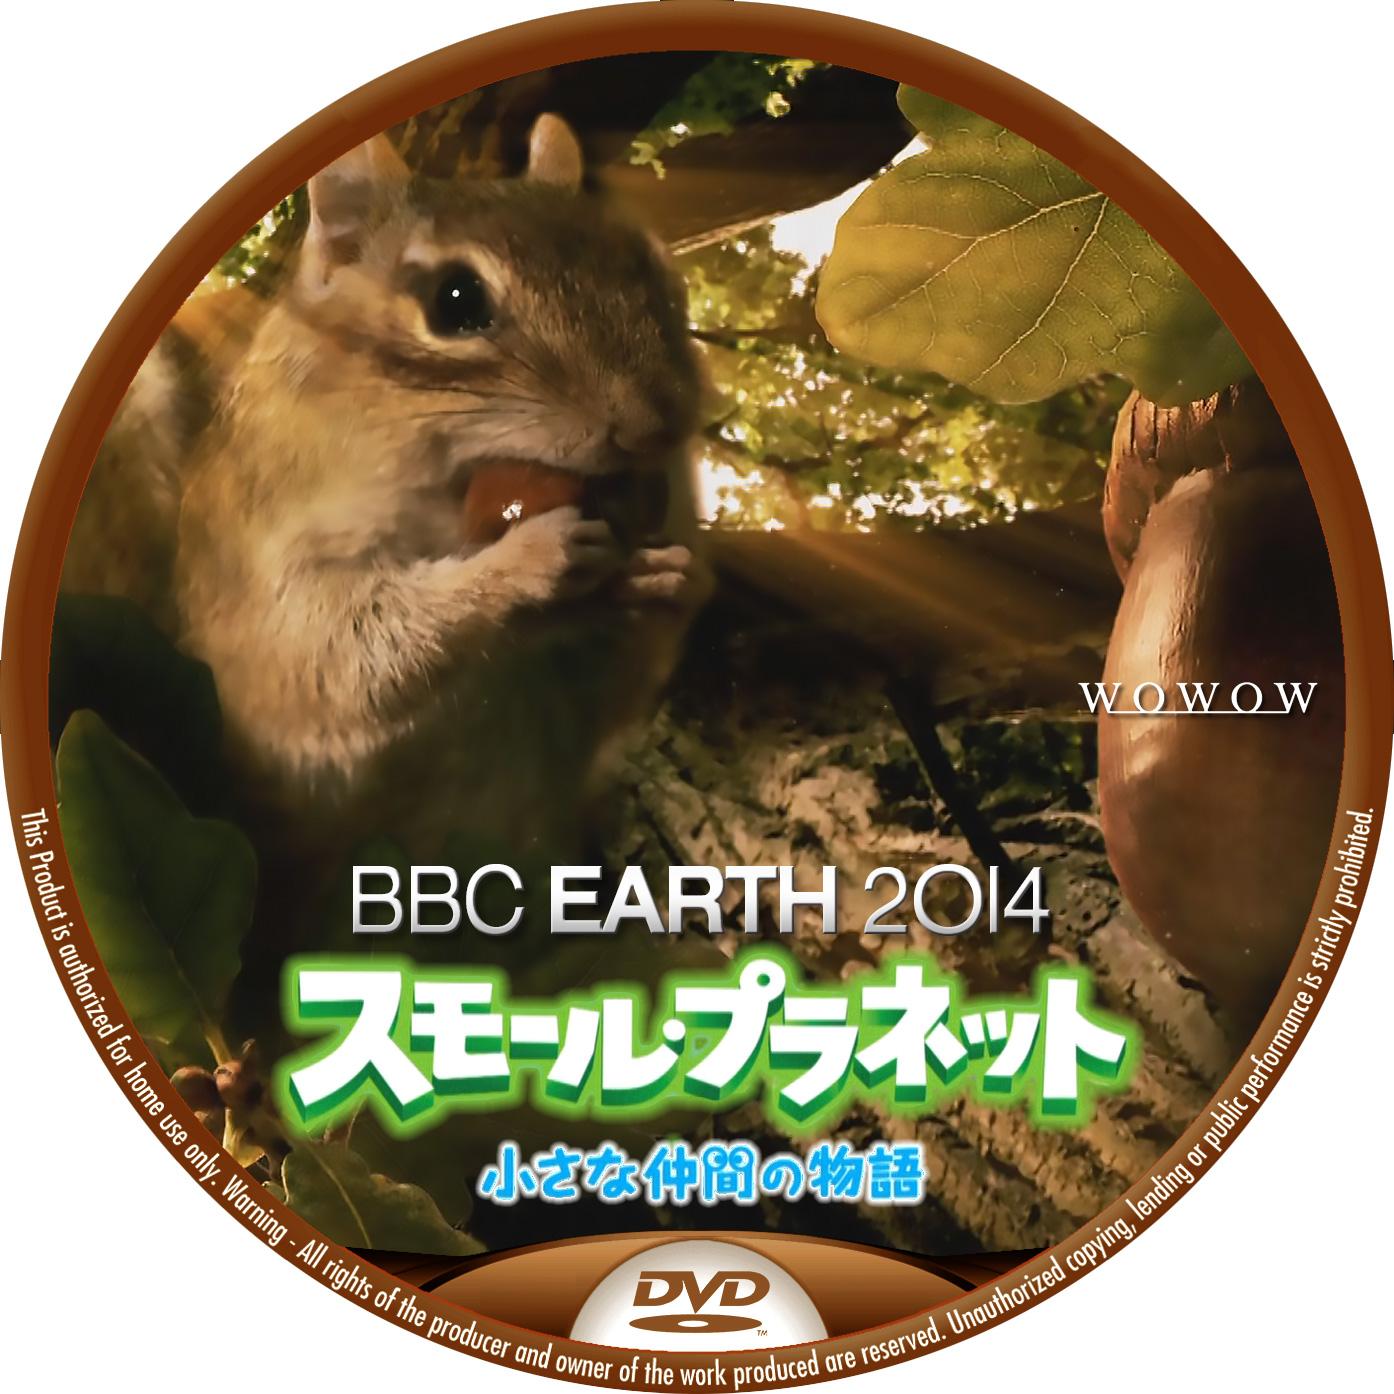 BBC EARTH 2014 スモールプラネット 第2話 DVDラベル